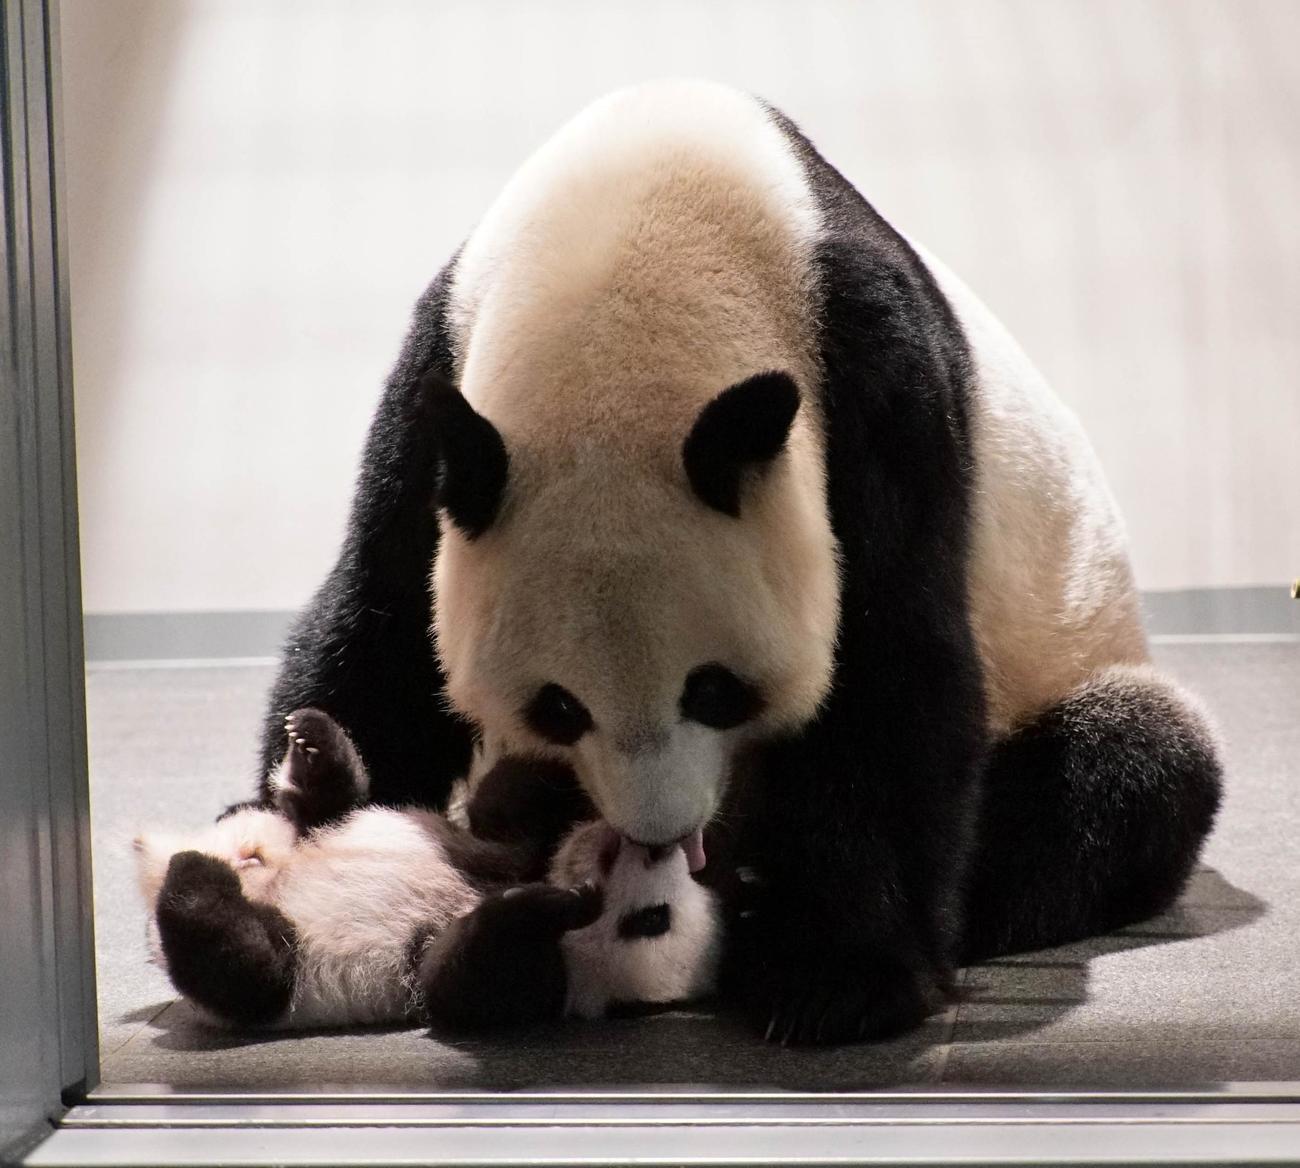 東京・上野動物園のジャイアントパンダ。母親シンシンと雄の赤ちゃん。82日齢、9月13日撮影(東京動物園協会提供)